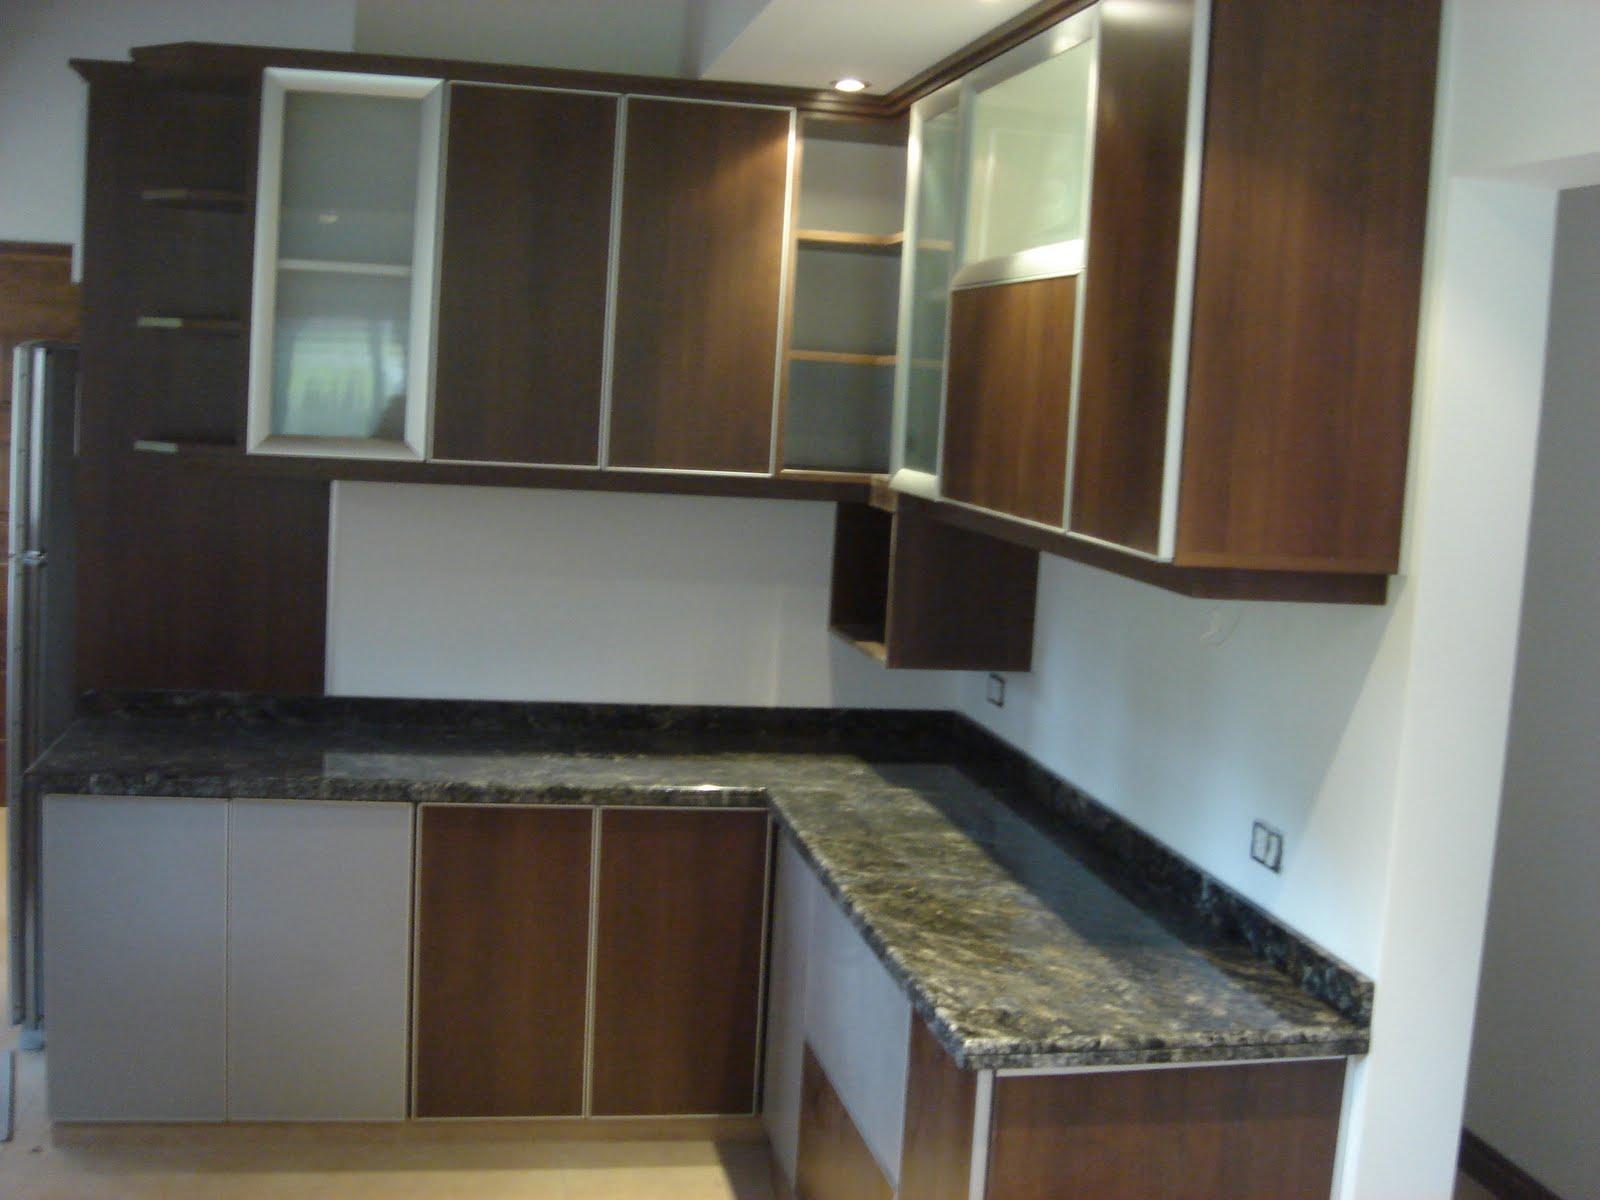 Muebles cocina en melamina vidrio y aluminio - Muebles en aluminio ...